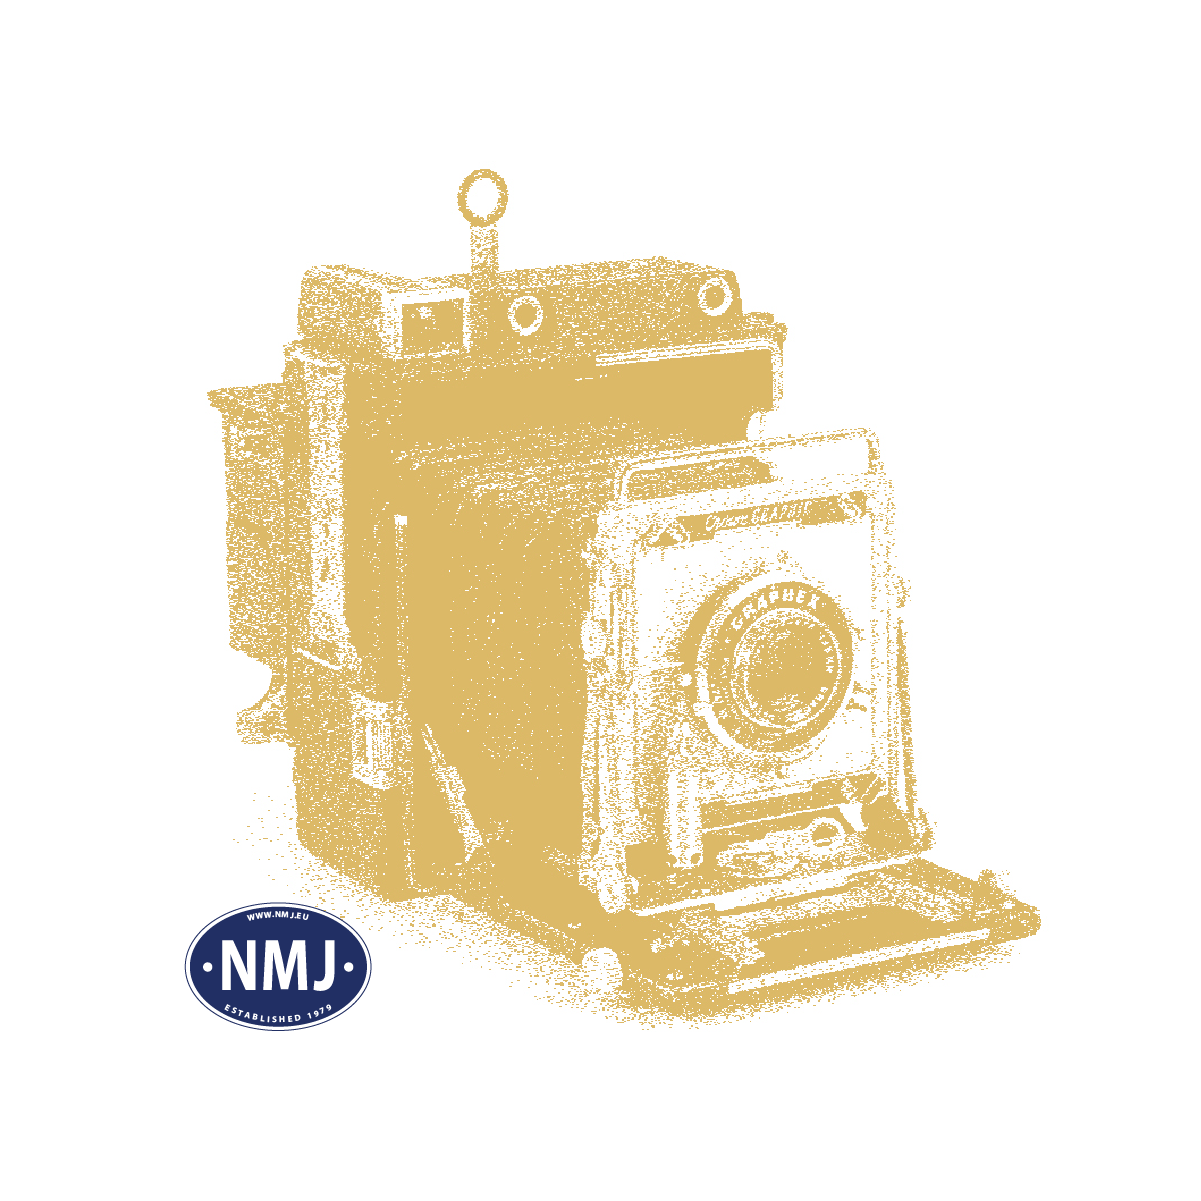 NMJT90201 - NMJ Topline MAV M61.004, Nohab, DC